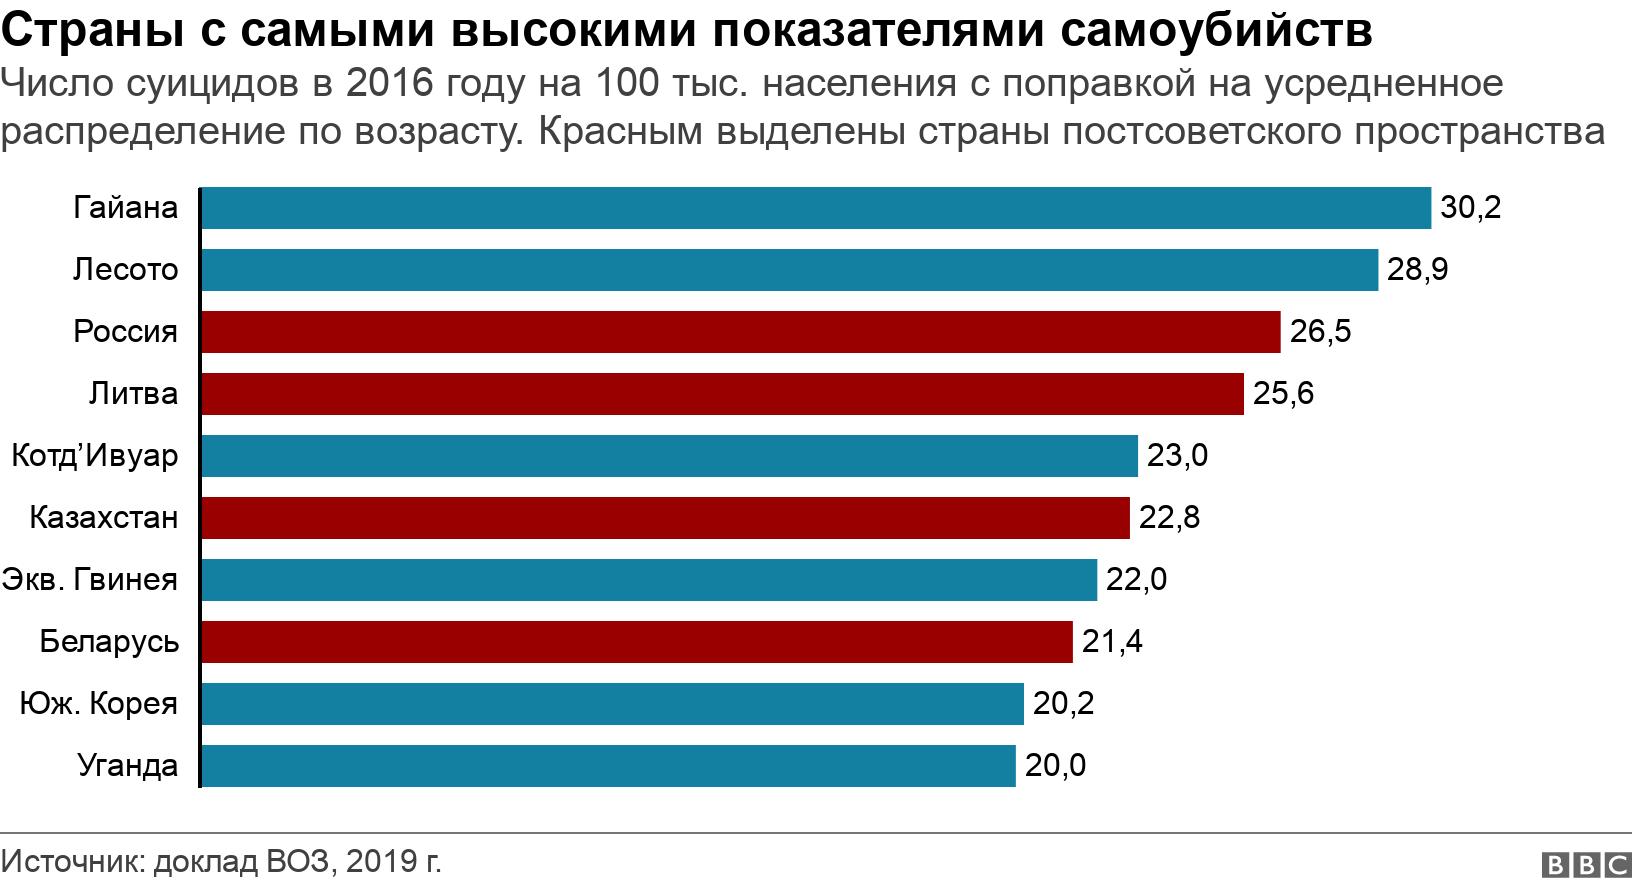 Страны с самыми высокими показателями самоубийств. Число суицидов в 2016 году на 100 тыс. населения с поправкой на усредненное распределение по возрасту. Красным выделены страны постсоветского пространства.  .